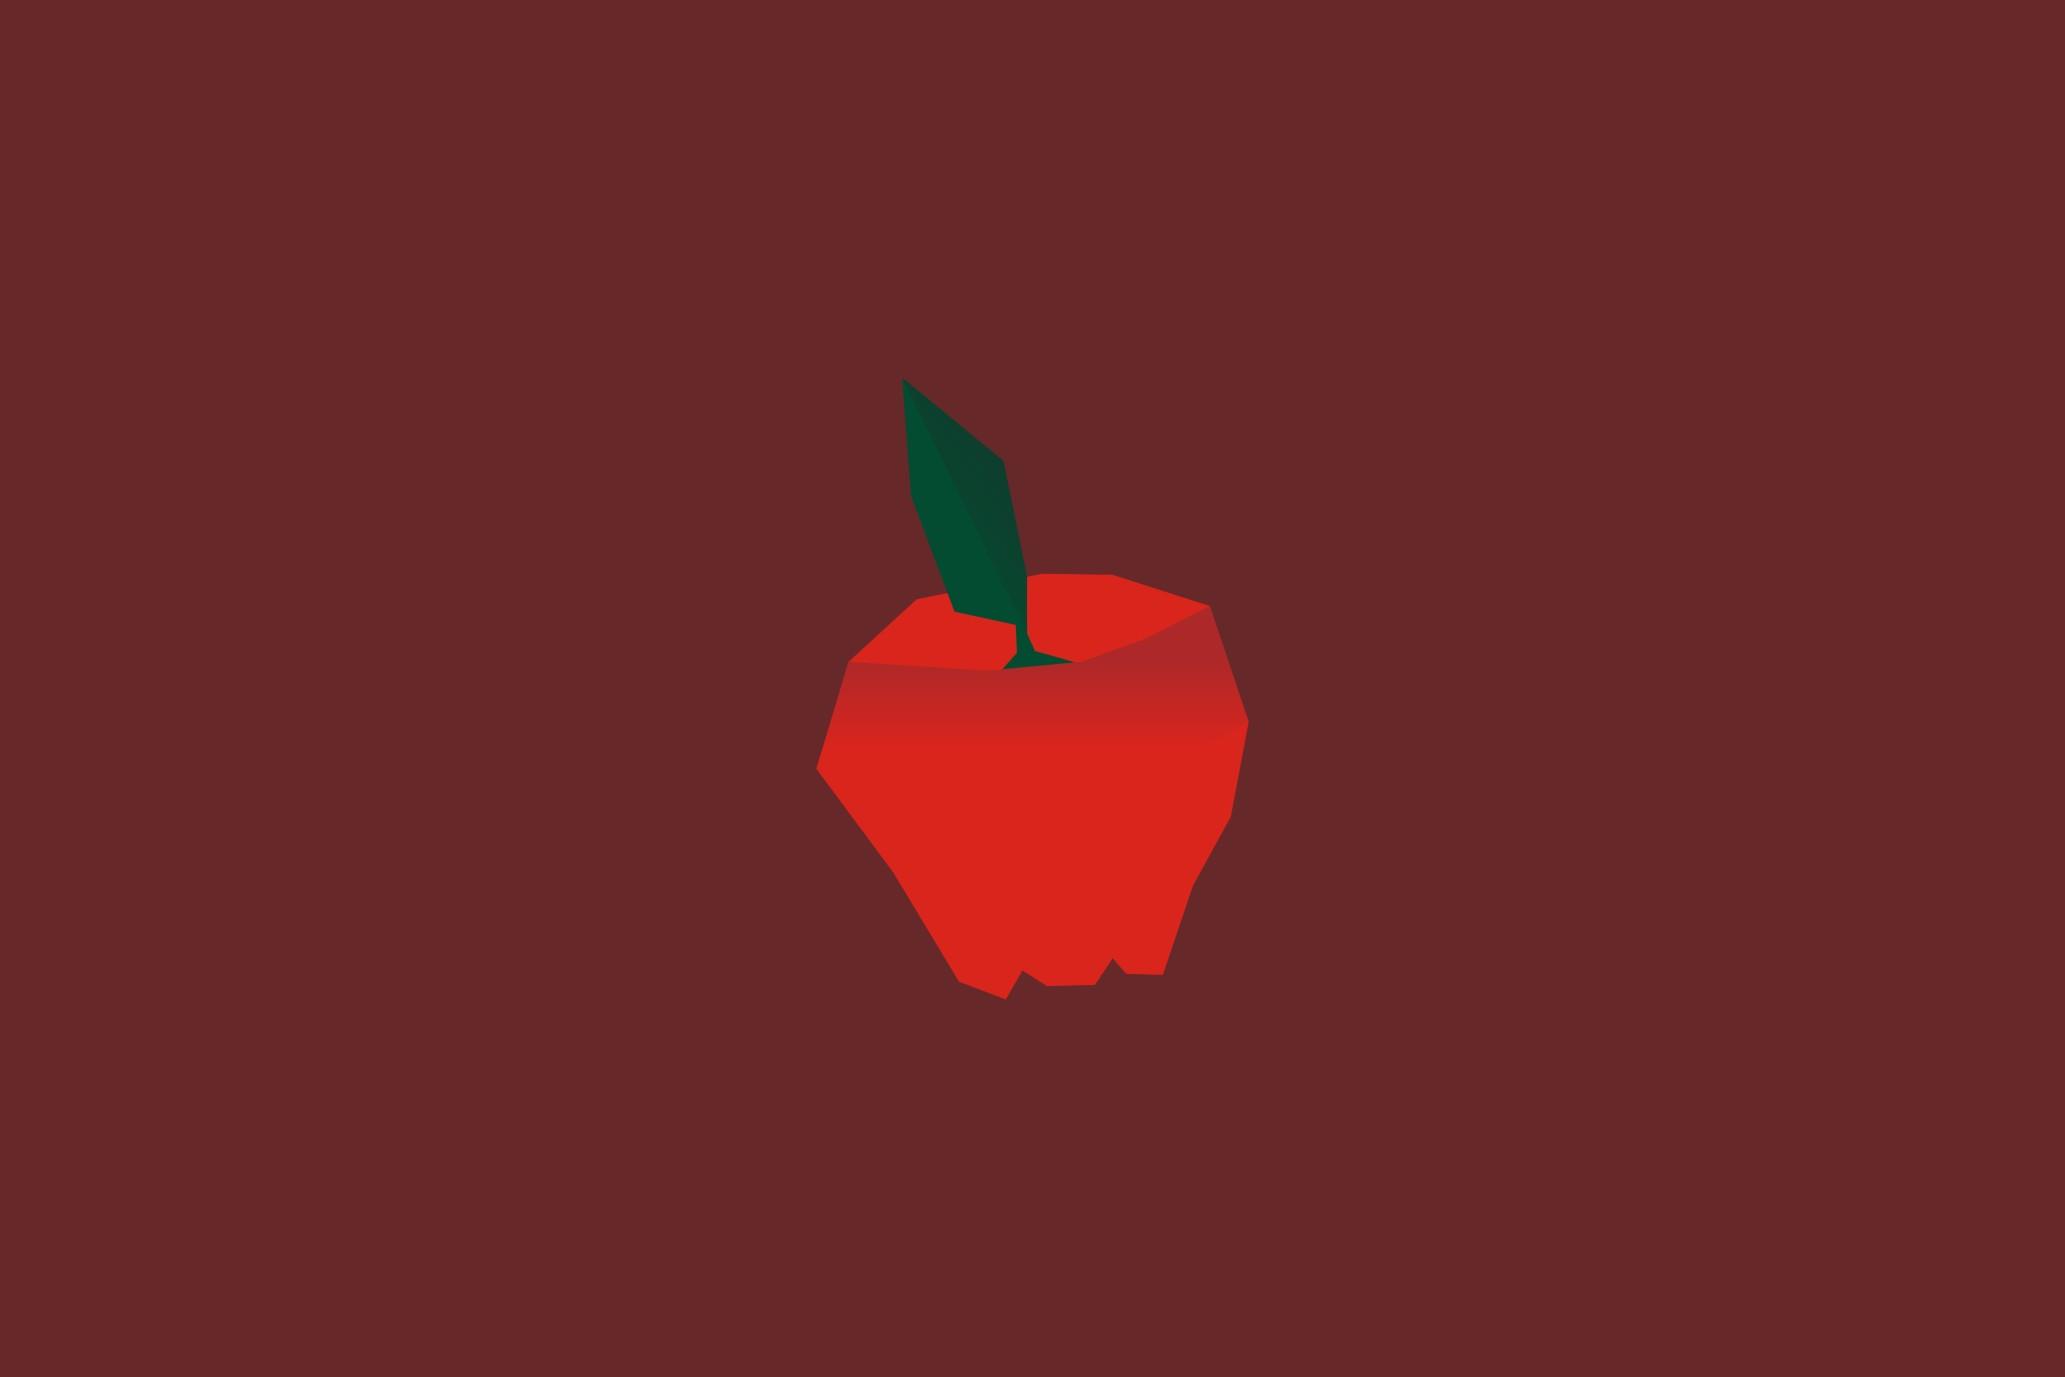 Jangan asal pilih apel, ternyata yang mengkilap belum tentu baik!